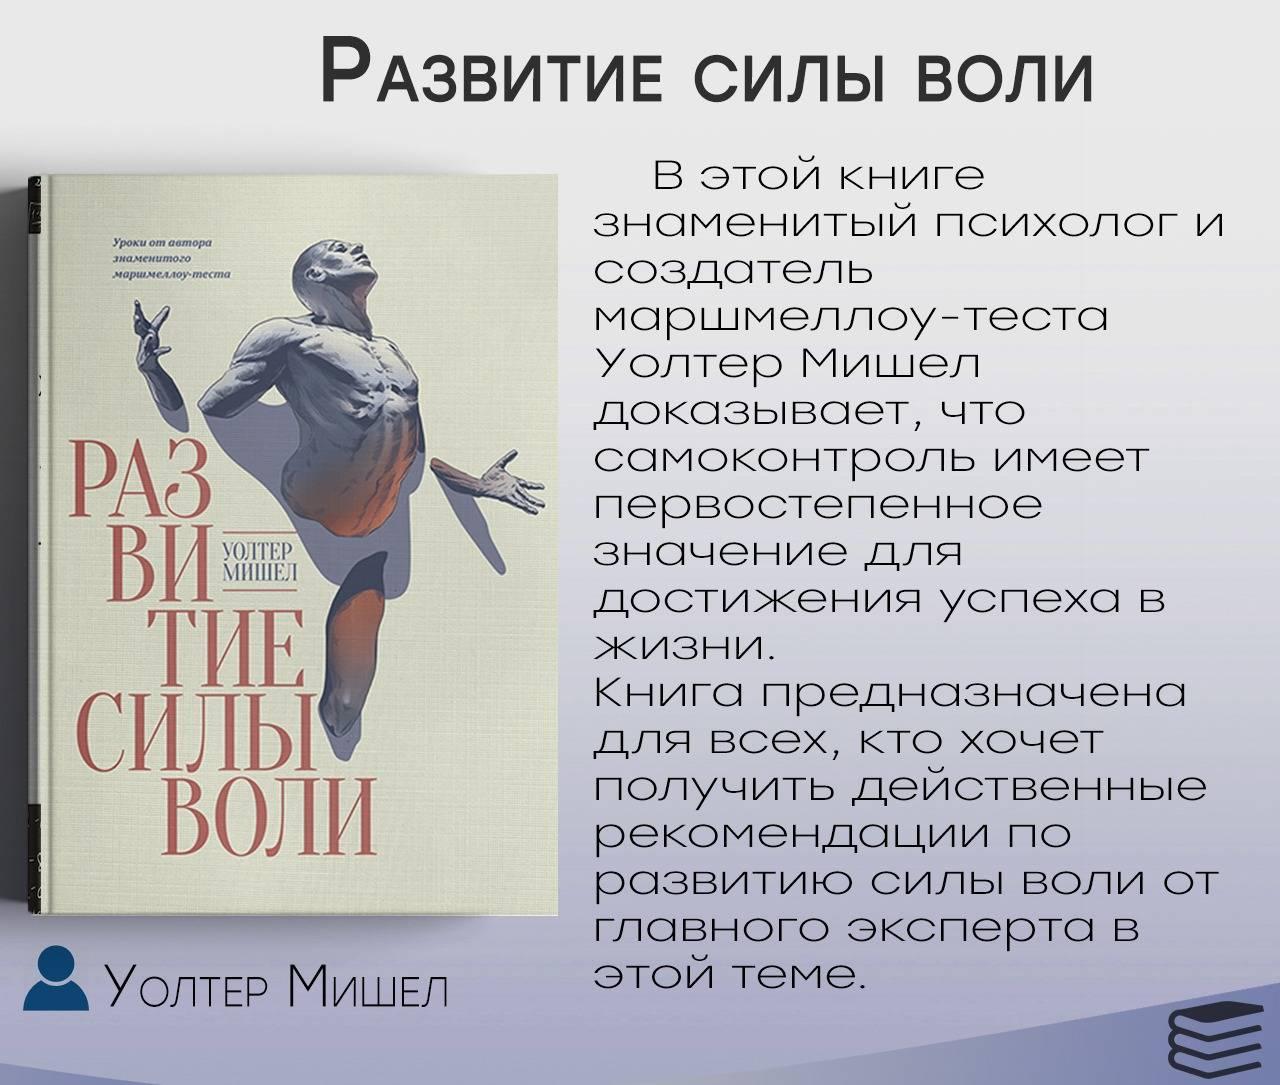 Читать книгу развитие силы воли. уроки от автора знаменитого маршмеллоу-теста уолтера мишела : онлайн чтение - страница 3